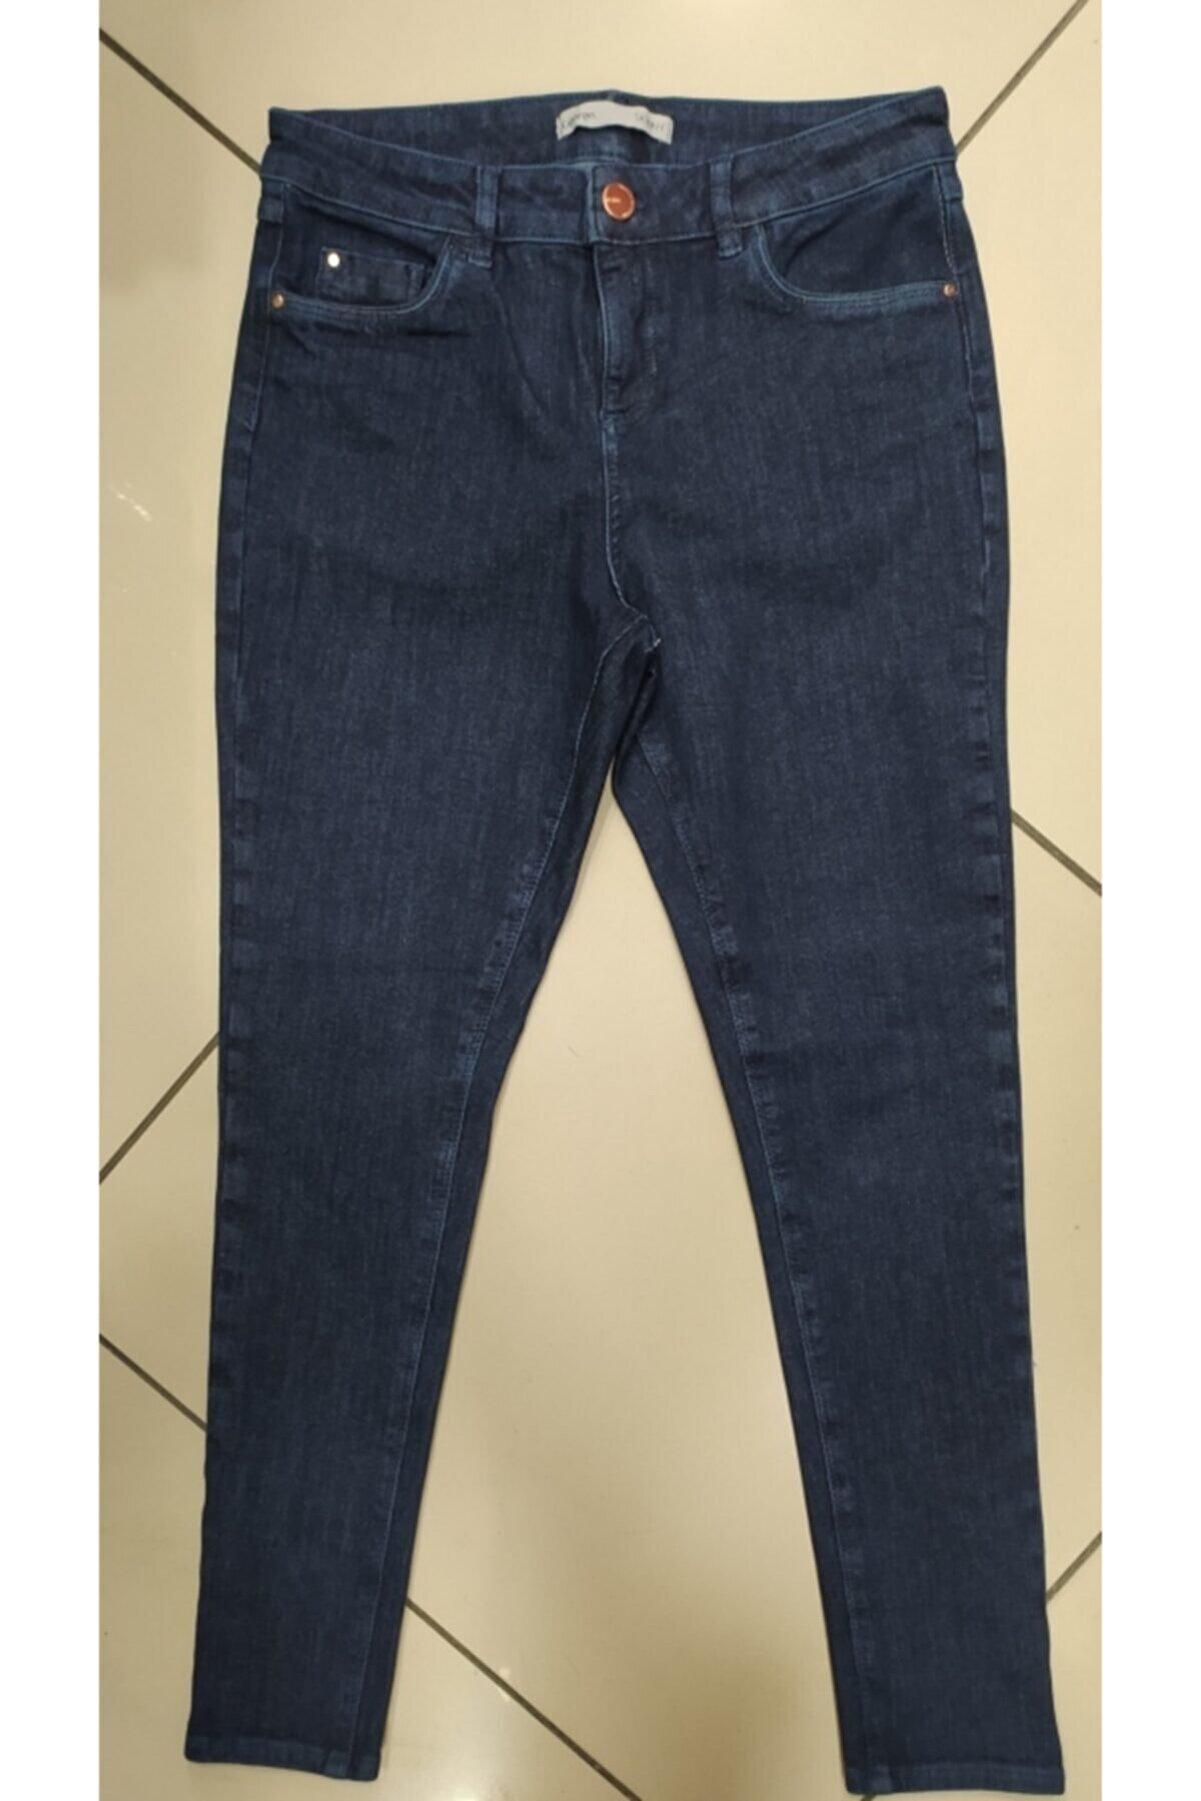 Hepsibitarz Kadın Mavi Likralı Jeans Denim Kot Büyük Beden Orjinal Ithal Pantolon